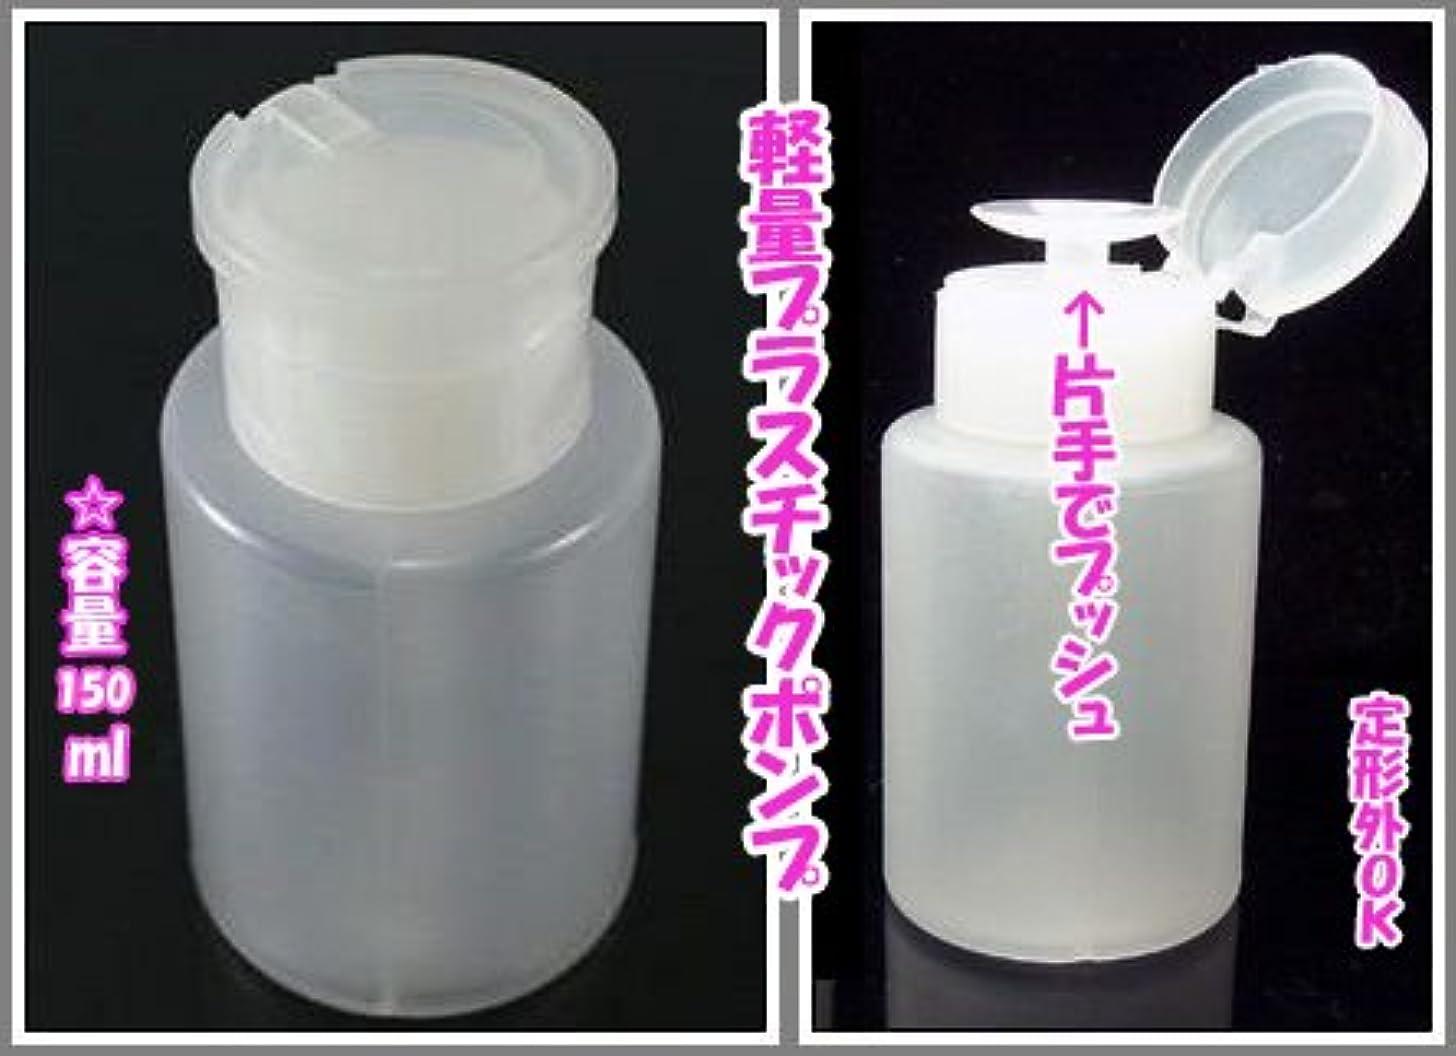 ホバート葉巻偽物軽量プラスチックポンプ 150ml